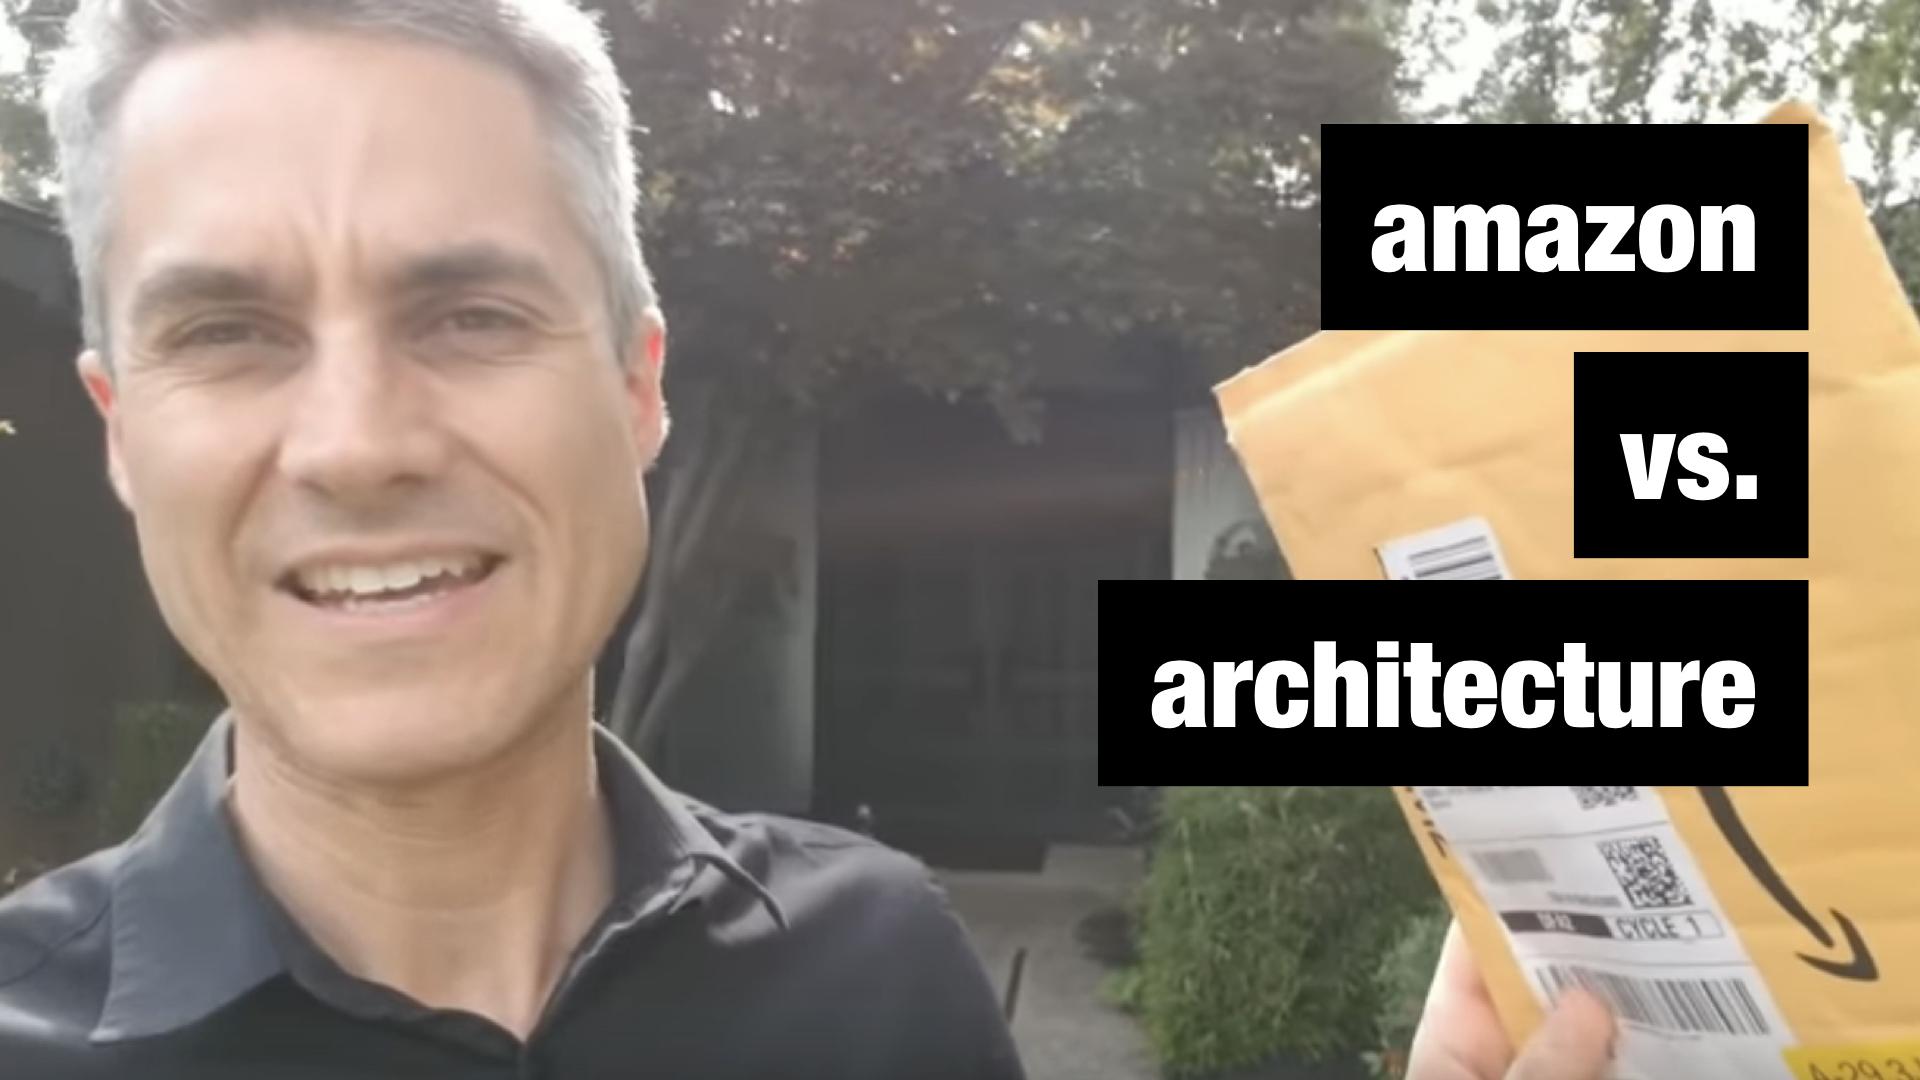 Amazon vs. Architecture